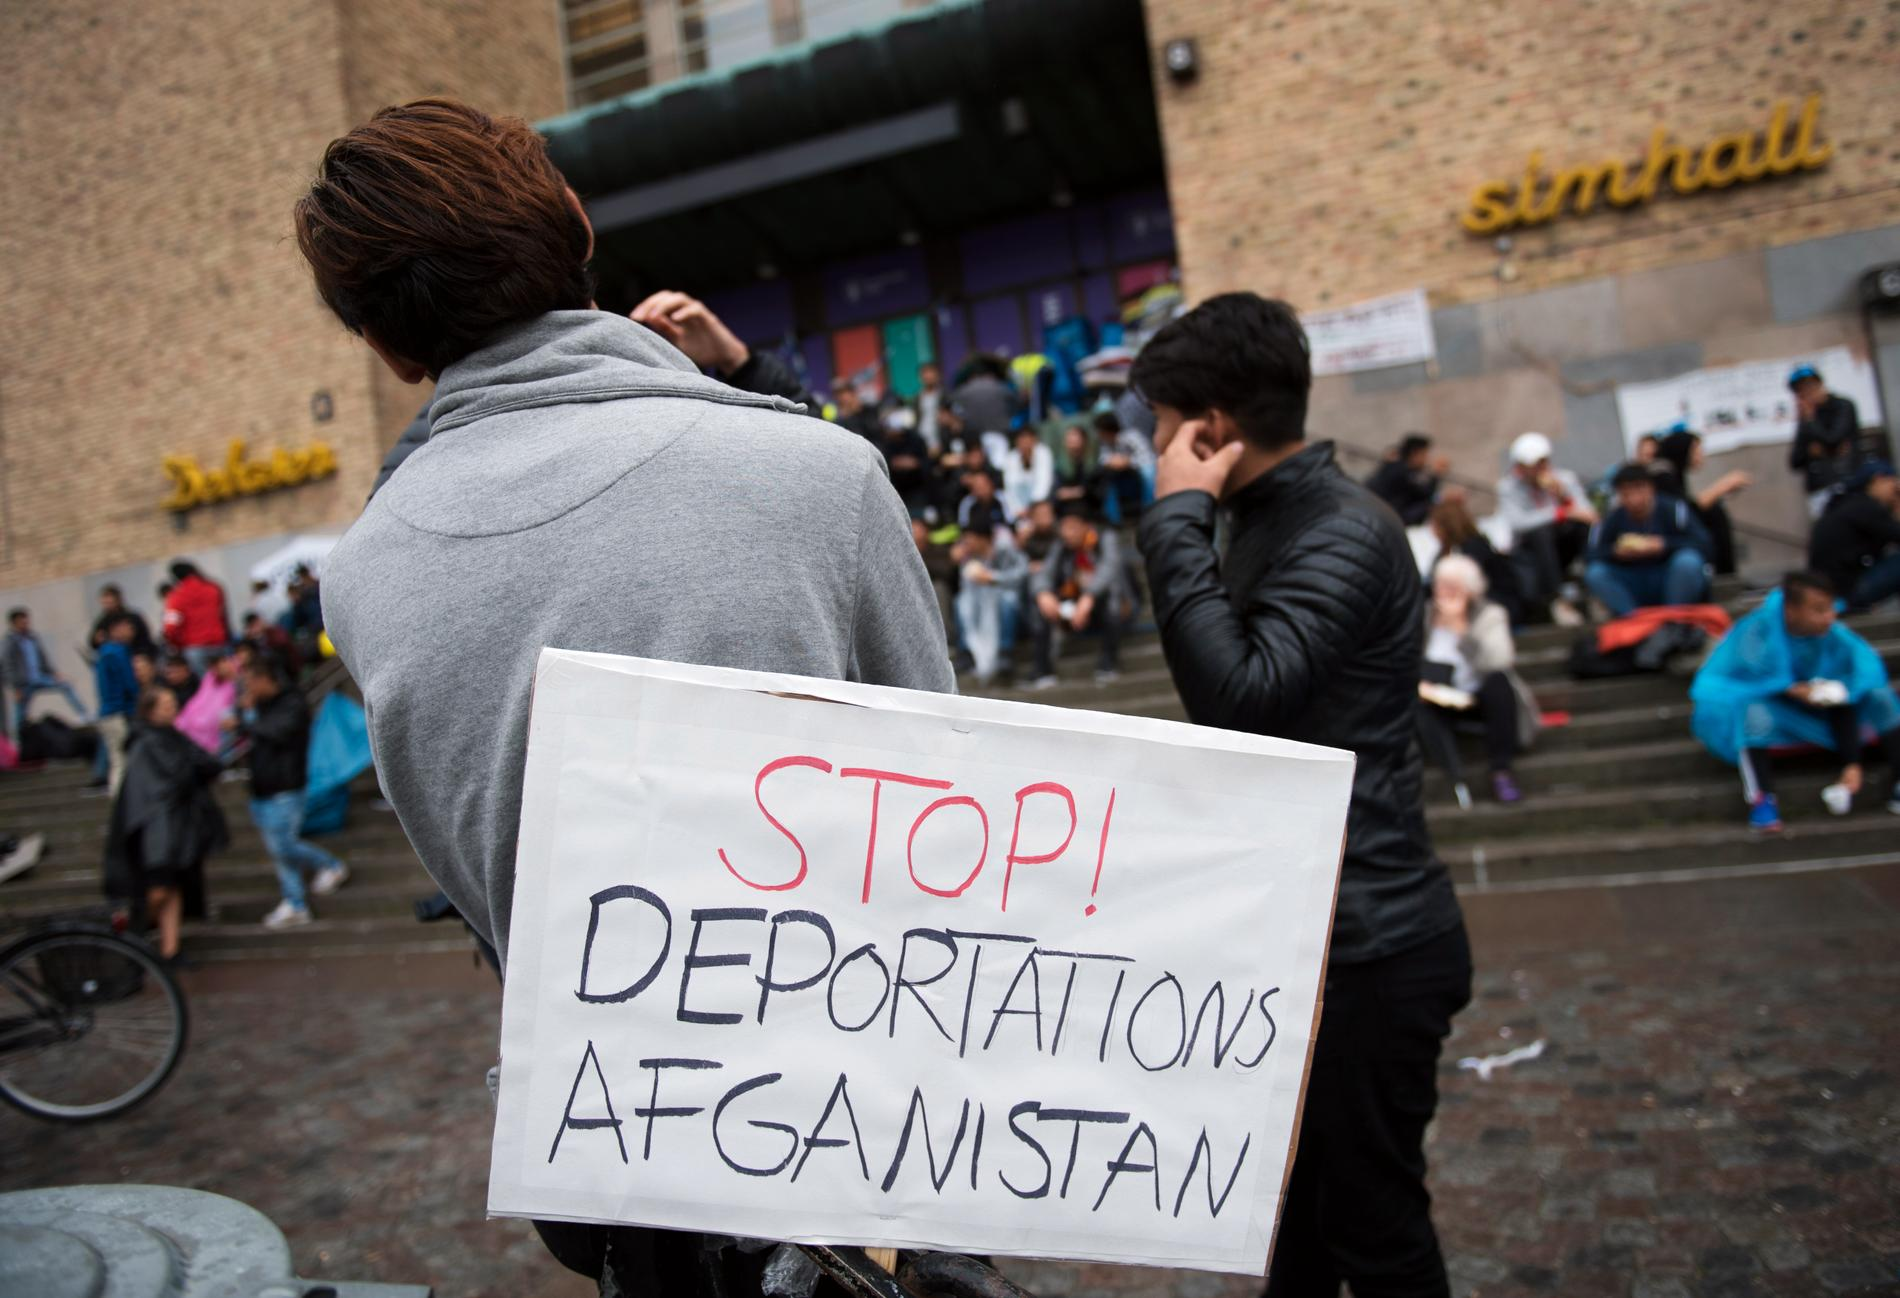 Många ensamkommande afghaner uppger att de mår psykiskt dåligt i en enkätundersökning. Bilden är från en manifestation i Stockholm i augusti där ensamkommande asylsökande krävde ett stopp på utvisningarna till Afghanistan, och har ingen anknytning till enkäten. Arkivbild.